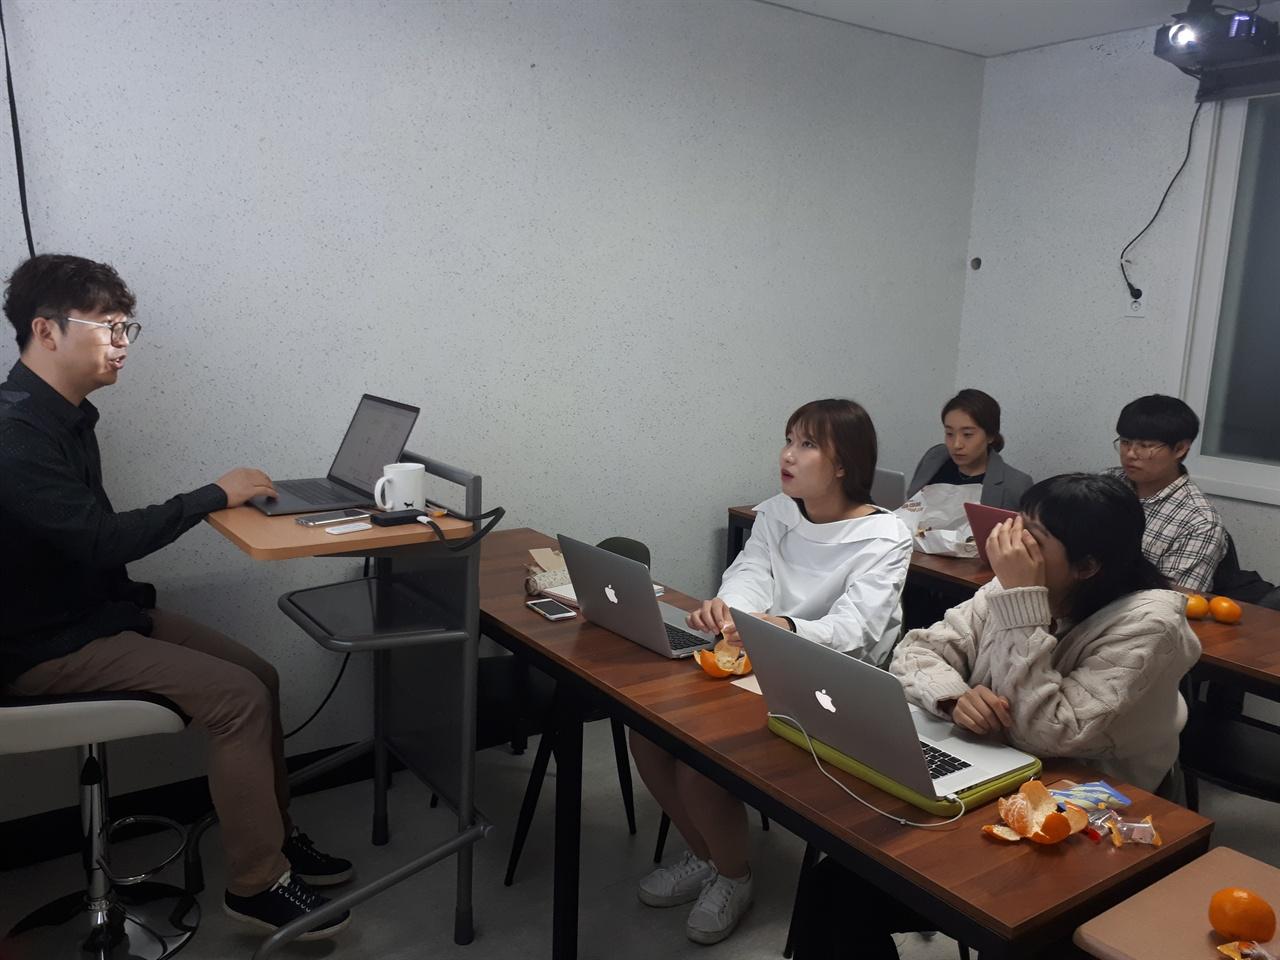 이프 1기 교육 모습 코딩 교육에 열중하는 이프 1기 참가자들